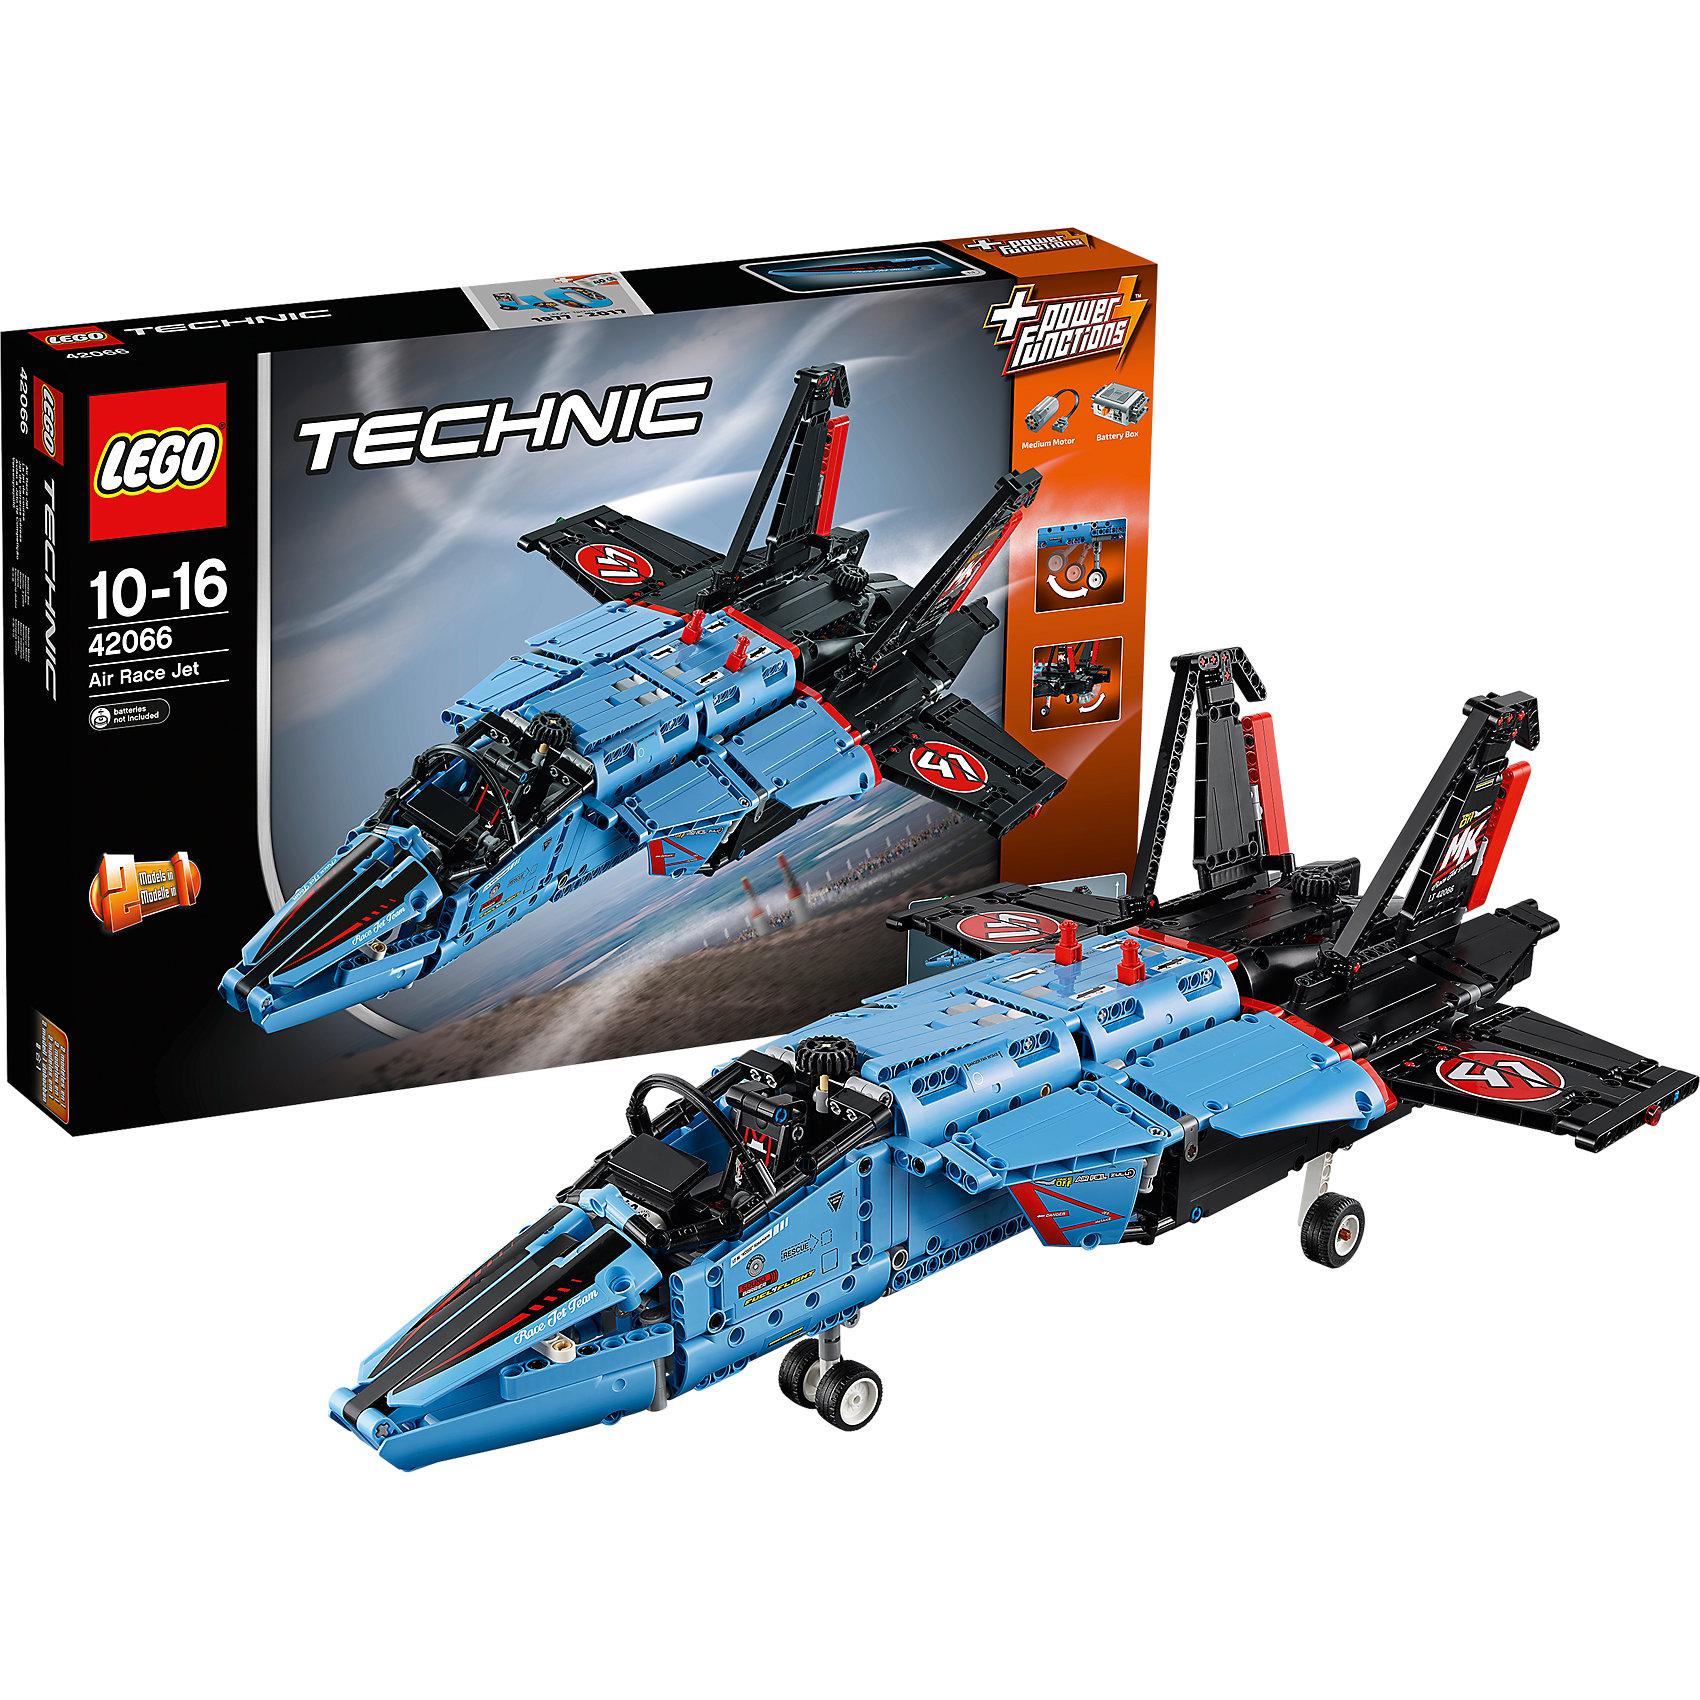 LEGO Technic 42066: Сверхзвуковой истребительПластмассовые конструкторы<br>LEGO Technic 42066: Сверхзвуковой истребитель<br><br>Характеристики:<br><br>- в набор входит: детали истребителя, наклейки, инструкция по сборке<br>- состав: пластик<br>- количество деталей: 1151<br>- приблизительное время сборки: 2 часа 45 мин.<br>- размер упаковки: 58 * 8,5 * 37 см.<br>- размер истребителя: 58 * 23 * 36 см.<br>- для детей в возрасте: от 10 до 16 лет<br>- Страна производитель: Дания/Китай/Чехия<br><br>Легендарный конструктор LEGO (ЛЕГО) представляет серию «Technic», которая бросает вызов уже опытным строителям ЛЕГО. Ваш ребенок может строить продвинутые модели с реальными функциями, такими как коробки передач и системы рулевого управления. <br><br>В набор включена уникальная деталь, посвященная сорокалетию серии. Наслаждайтесь строительством нового реалистичного истребителя черно-синего цвета. Многофункциональный истребитель оснащен двумя автоматическими функциями. Специальный переключатель с помощью моторчика перестраивает истребитель в режим полета и складывает его части обратно. Вторая автоматическая функция плавно выдвигает шасси и убирает их при полете. С помощью ручного механизма переднее колесо самолета двигается, задавая направление истребителя, кабина пилота открывается, так же с помощью механизма двигаются закрылки, задающие направление в ходе полёта. Большая модель истребителя с необычными цветами, небольшим количеством наклеек, сложной схемой для постройки и двумя моторчиками может также быть перестроена в частный реактивный самолёт, обе модели имеют объемные интерактивные инструкции на вебсайте ЛЕГО. <br><br>Играя с конструктором ребенок развивает моторику рук, воображение и логическое мышление, научится собирать по инструкции и создавать свои модели. Принимайте новые вызовы по сборке моделей и придумывайте новые истории с набором LEGO «Technic»!<br><br>Конструктор LEGO Technic 42066: Сверхзвуковой истребитель можно купить в нашем интернет-магазине.<br><br>Ширин